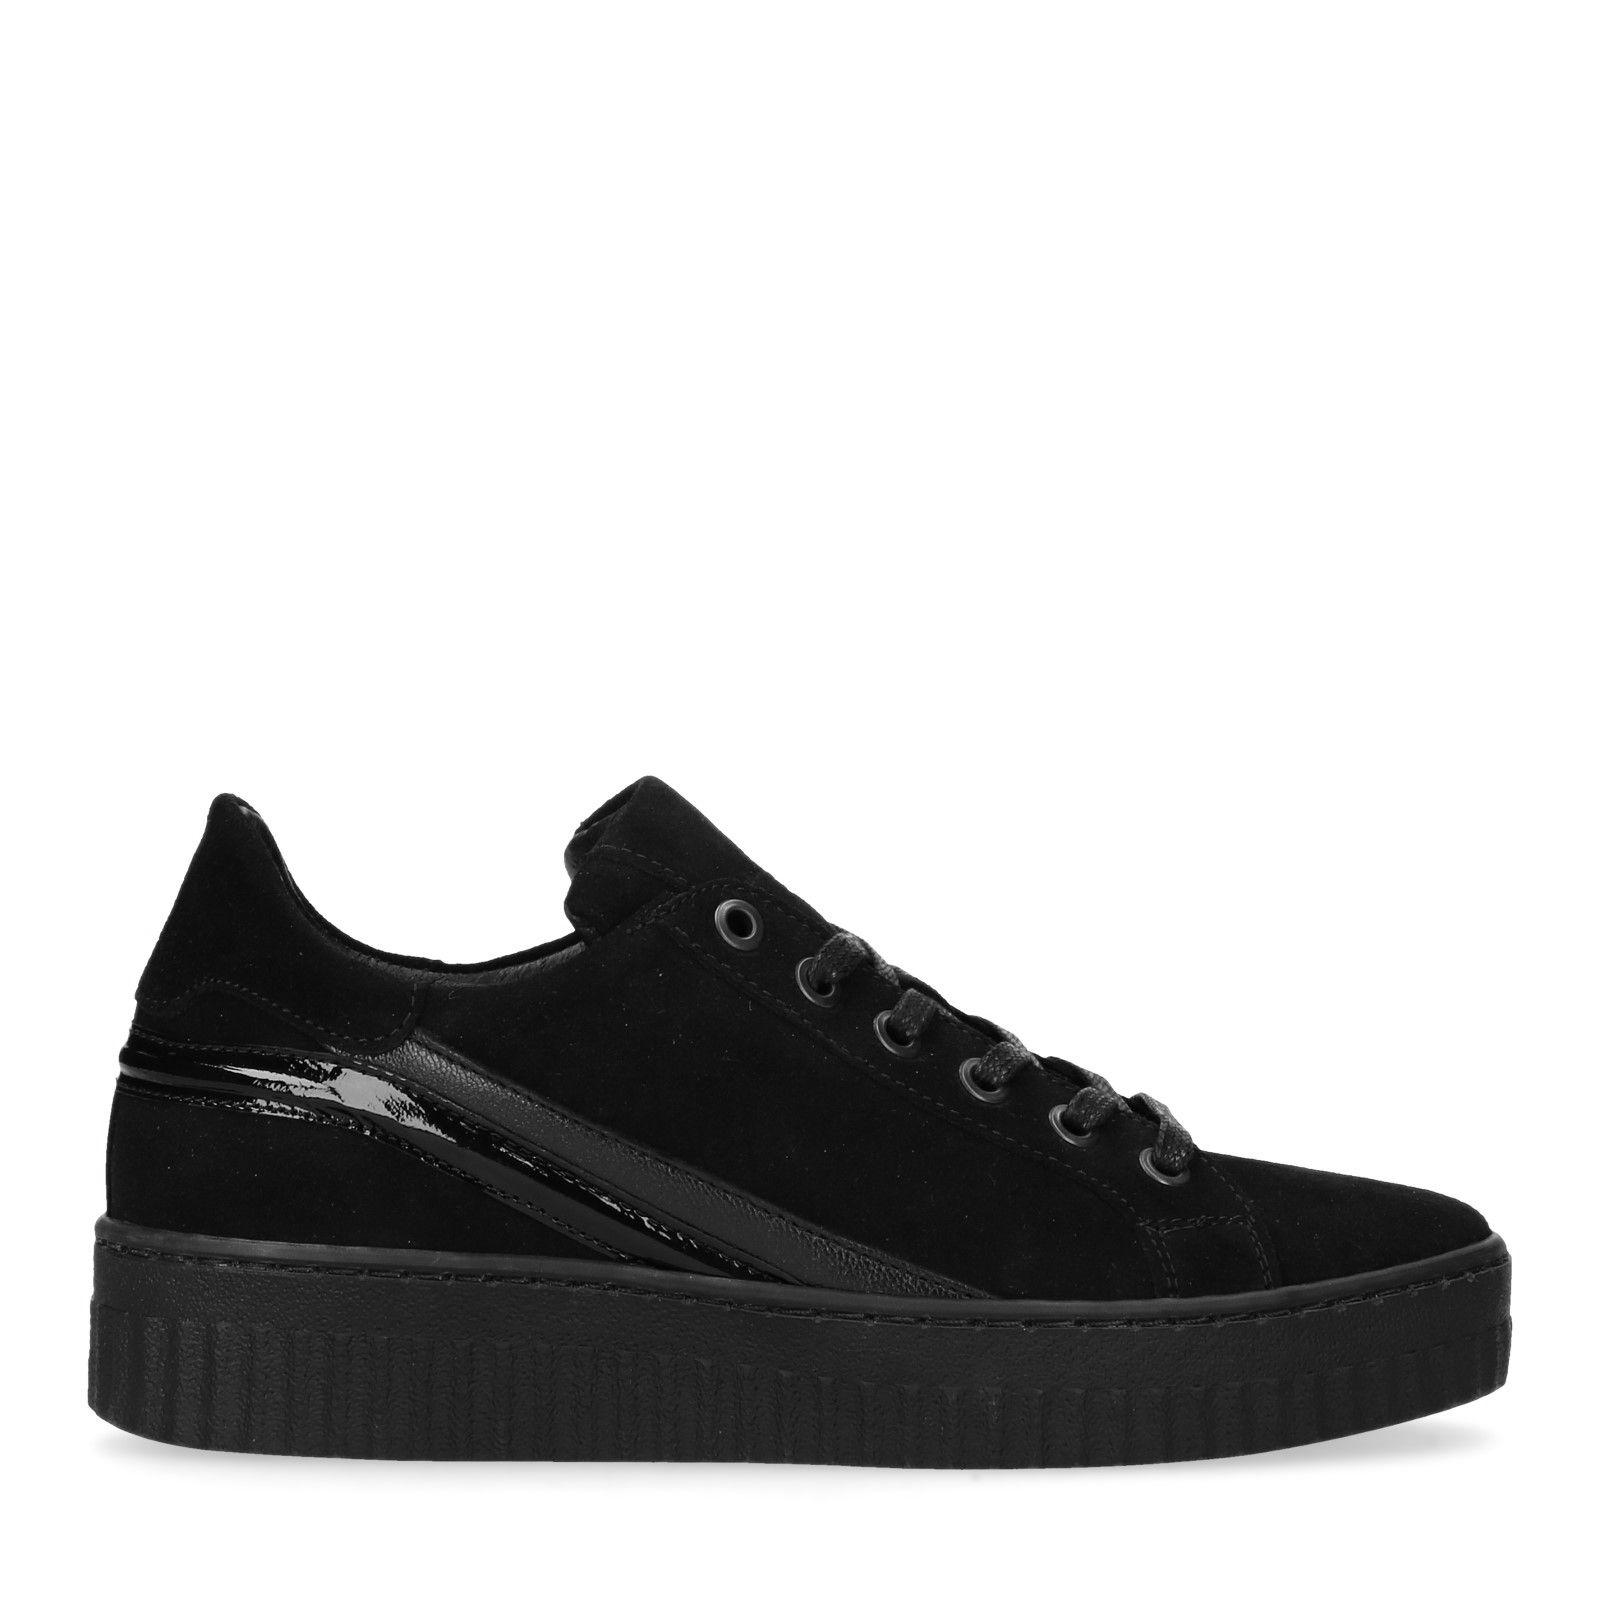 Shoppen Zwarte Sneakers Manfield Manfield Online Shoppen Online Manfield Online Sneakers Sneakers Zwarte Zwarte Shoppen rqYArx74